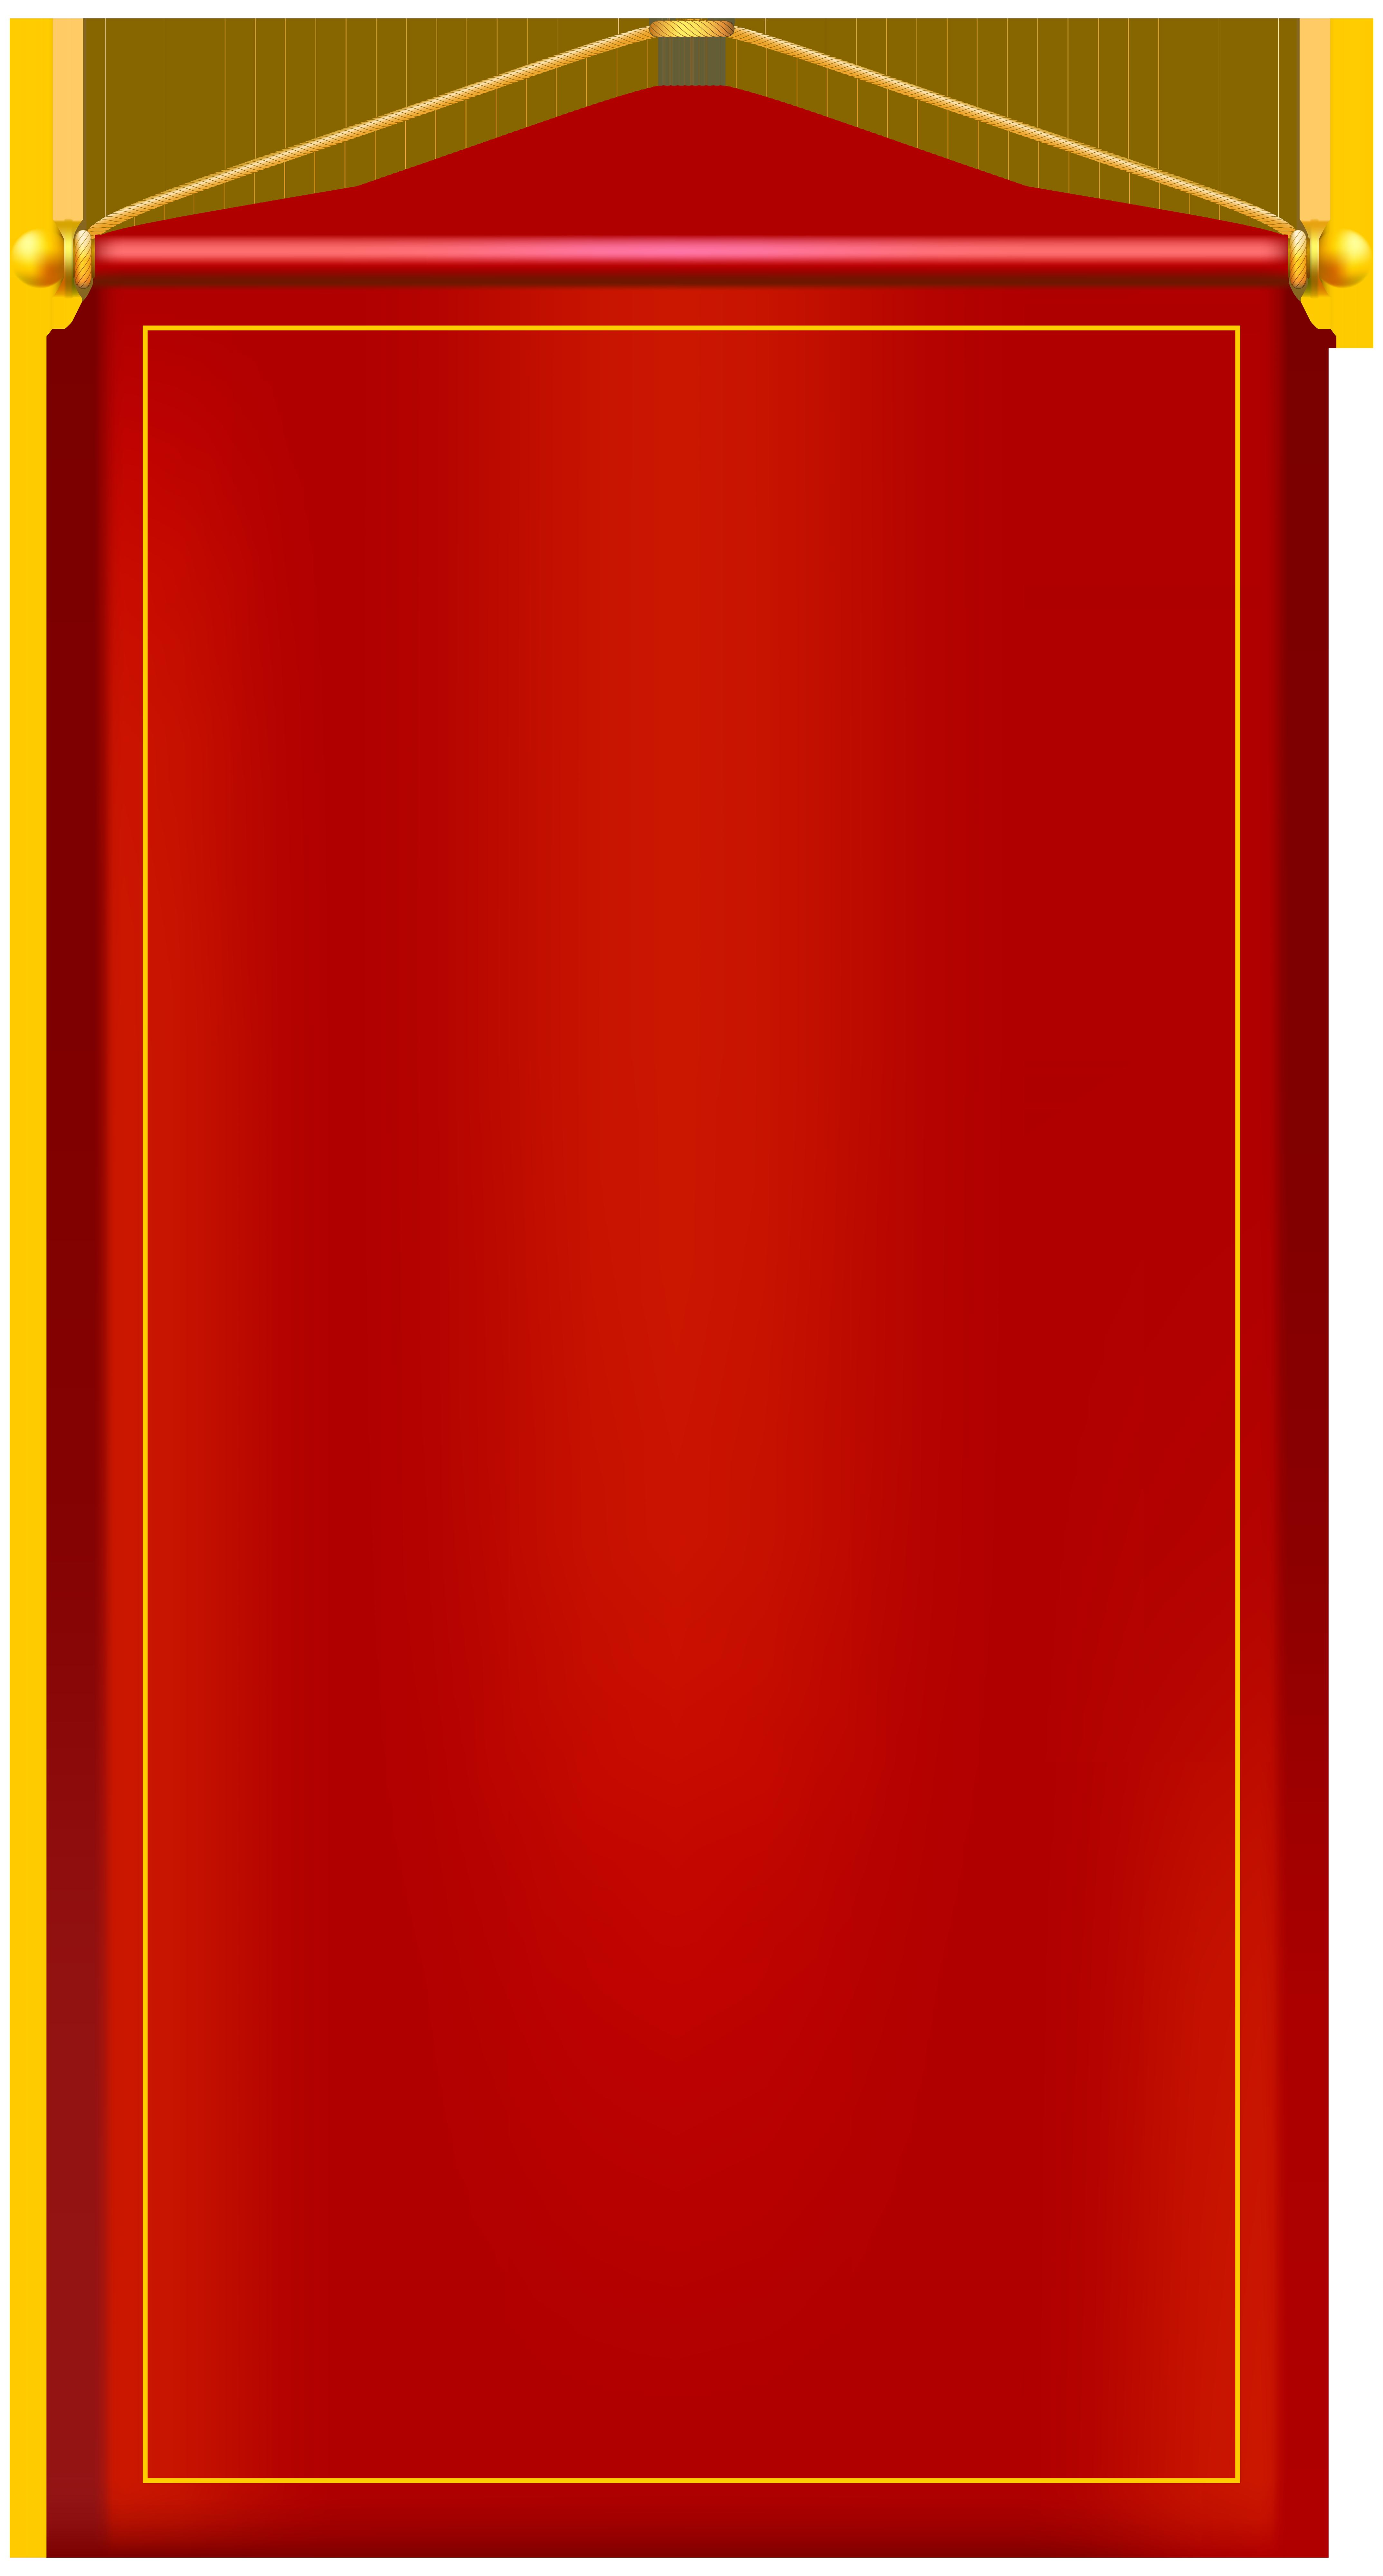 Vertical Banner Clipart.